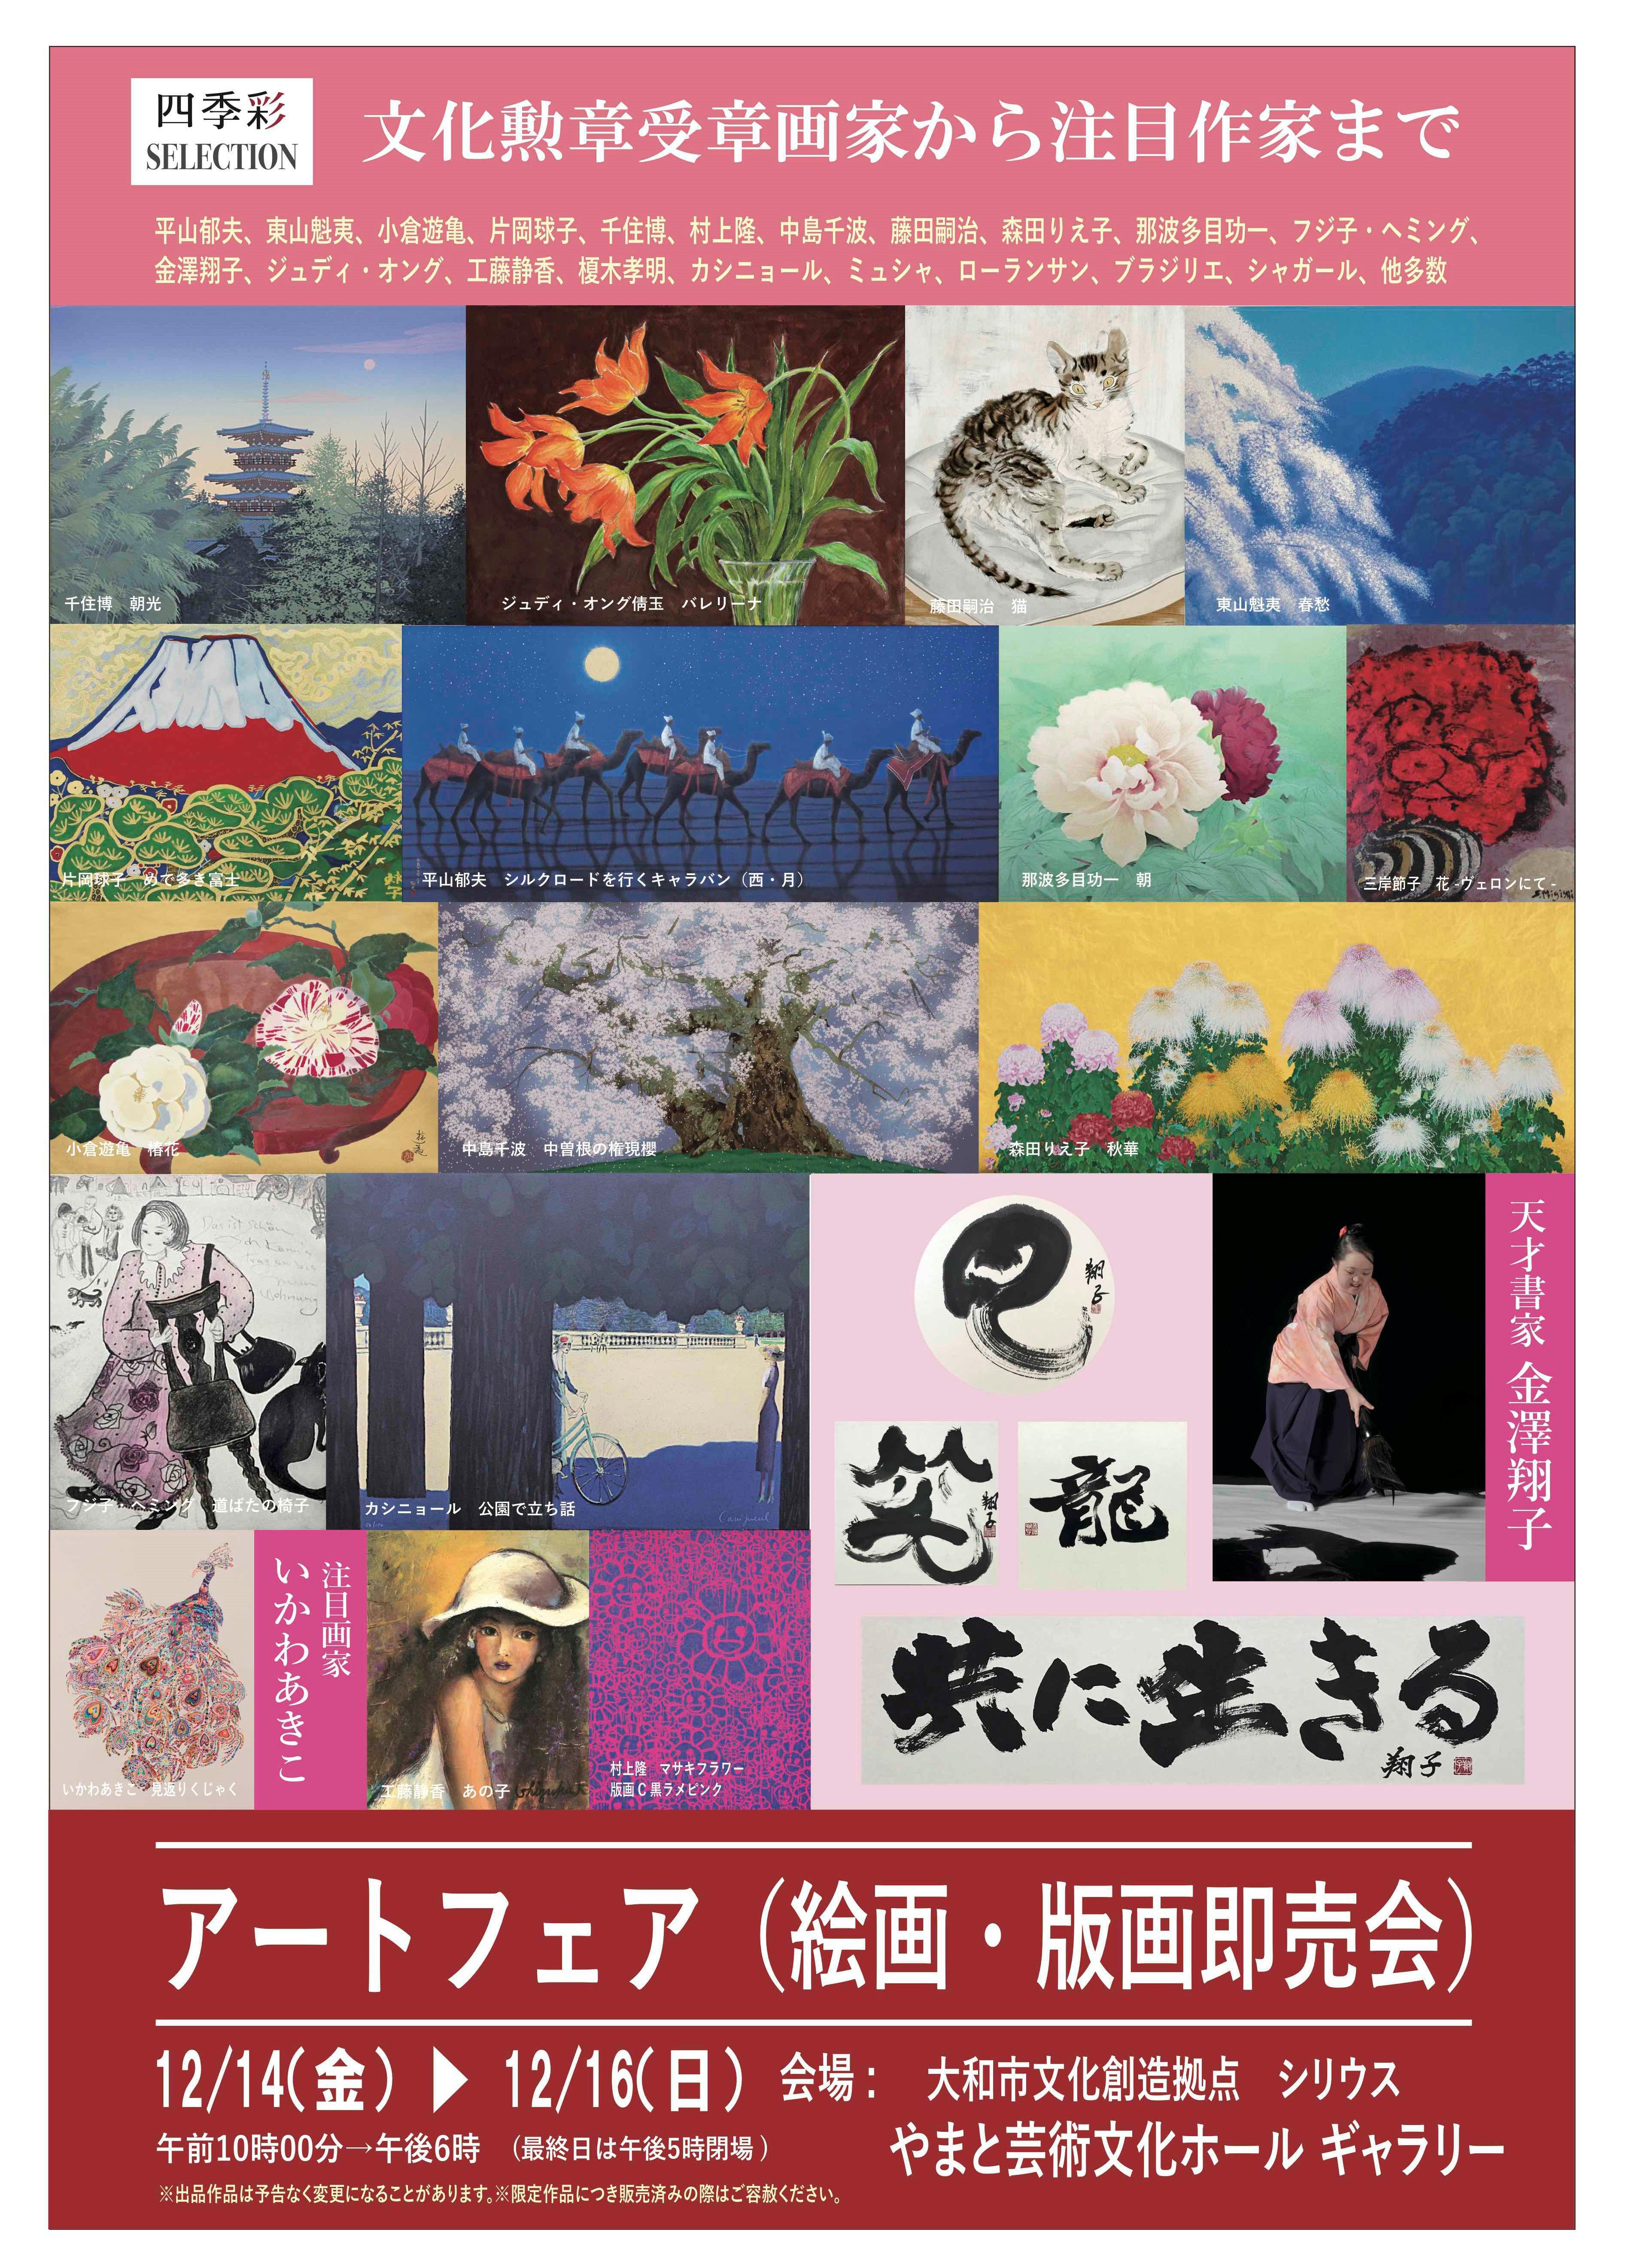 四季彩アートフェア(絵画・版画即売会)